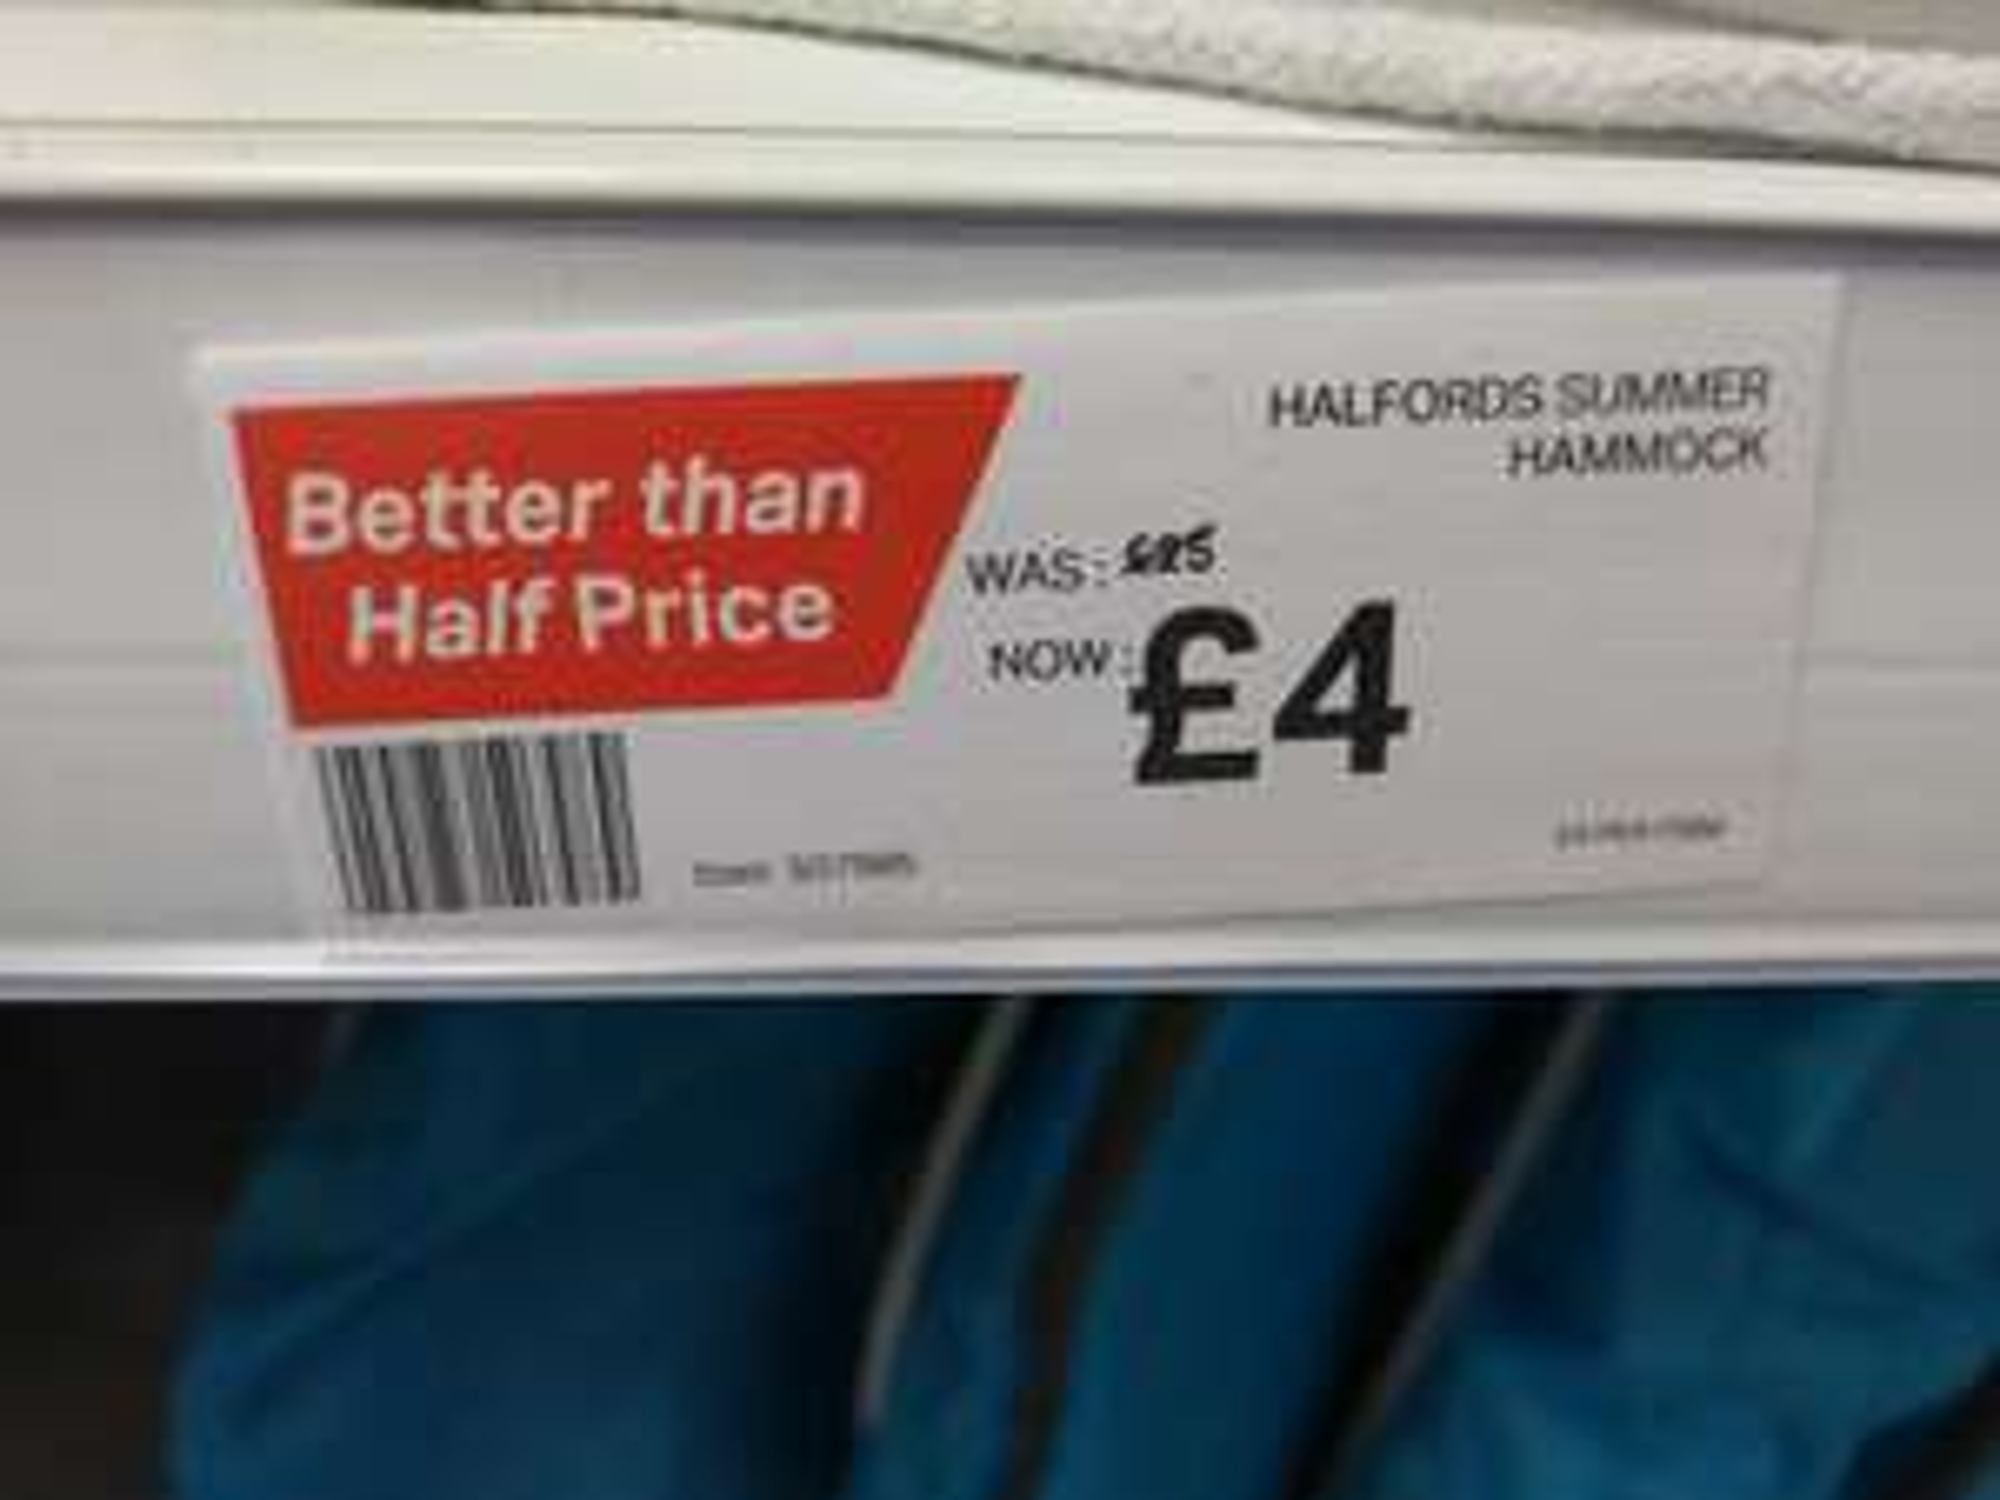 Summer Hammock @ Halfords instore - £4